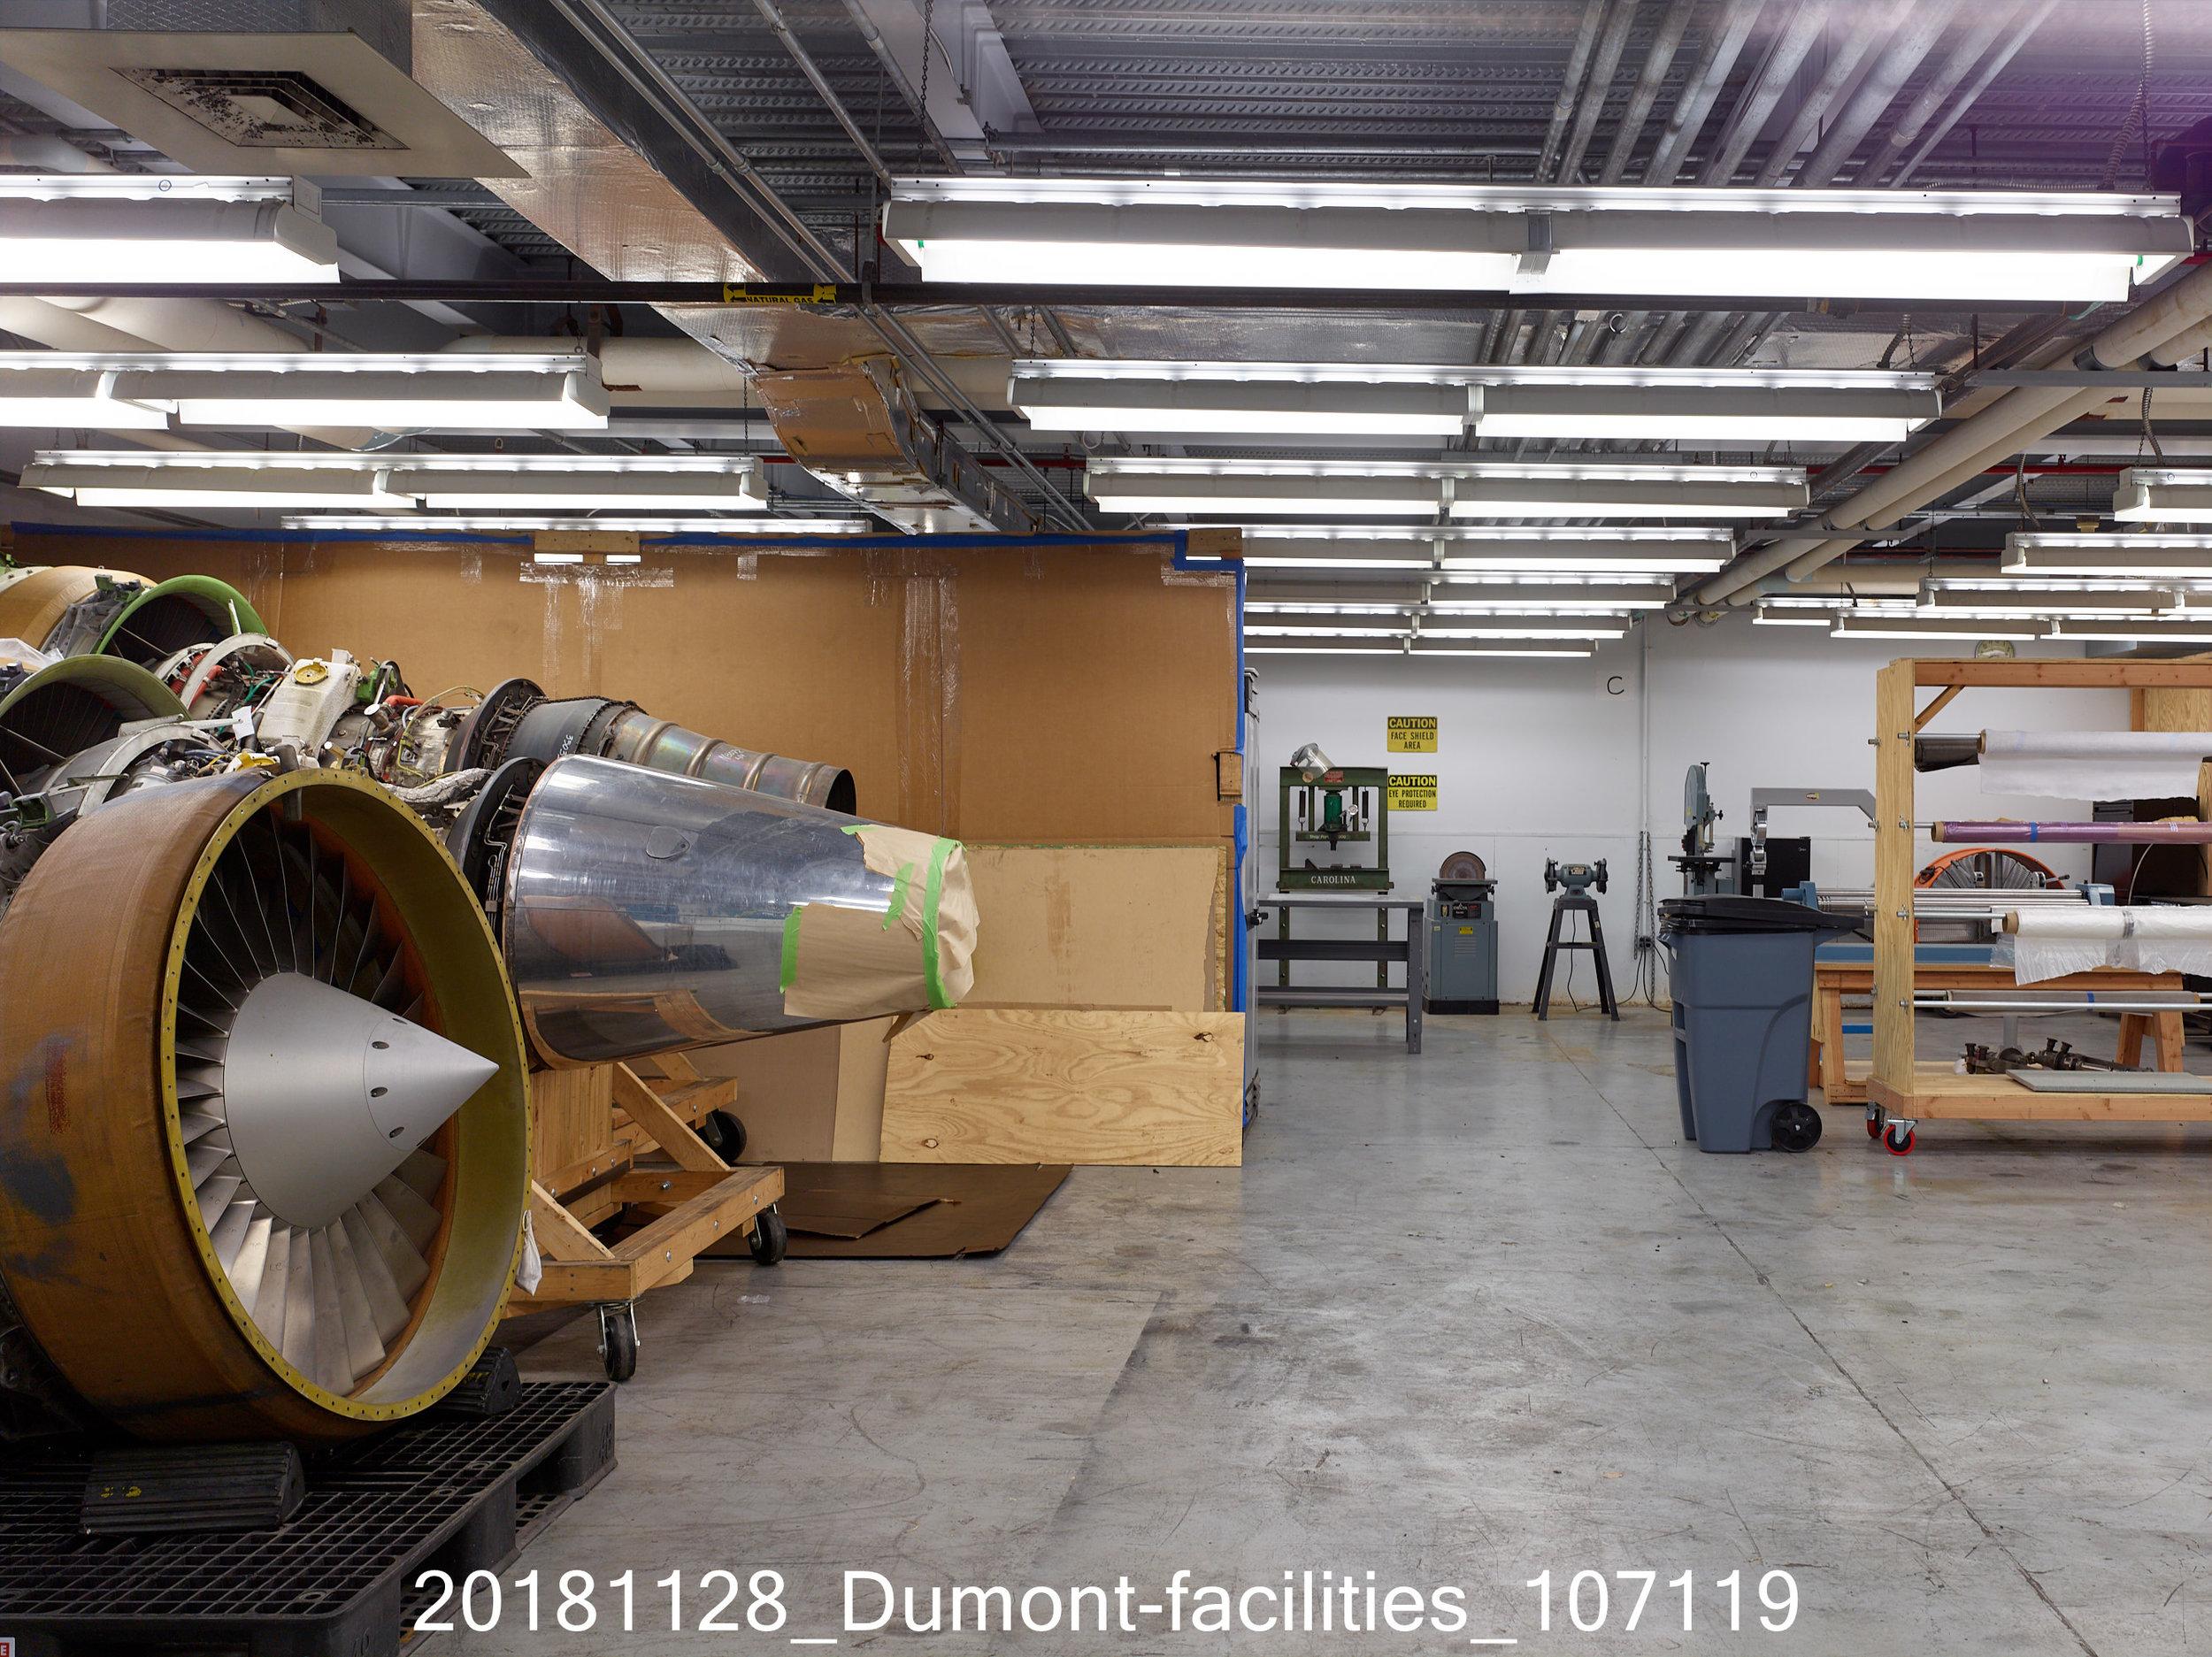 20181128_Dumont-facilities_107119.jpg